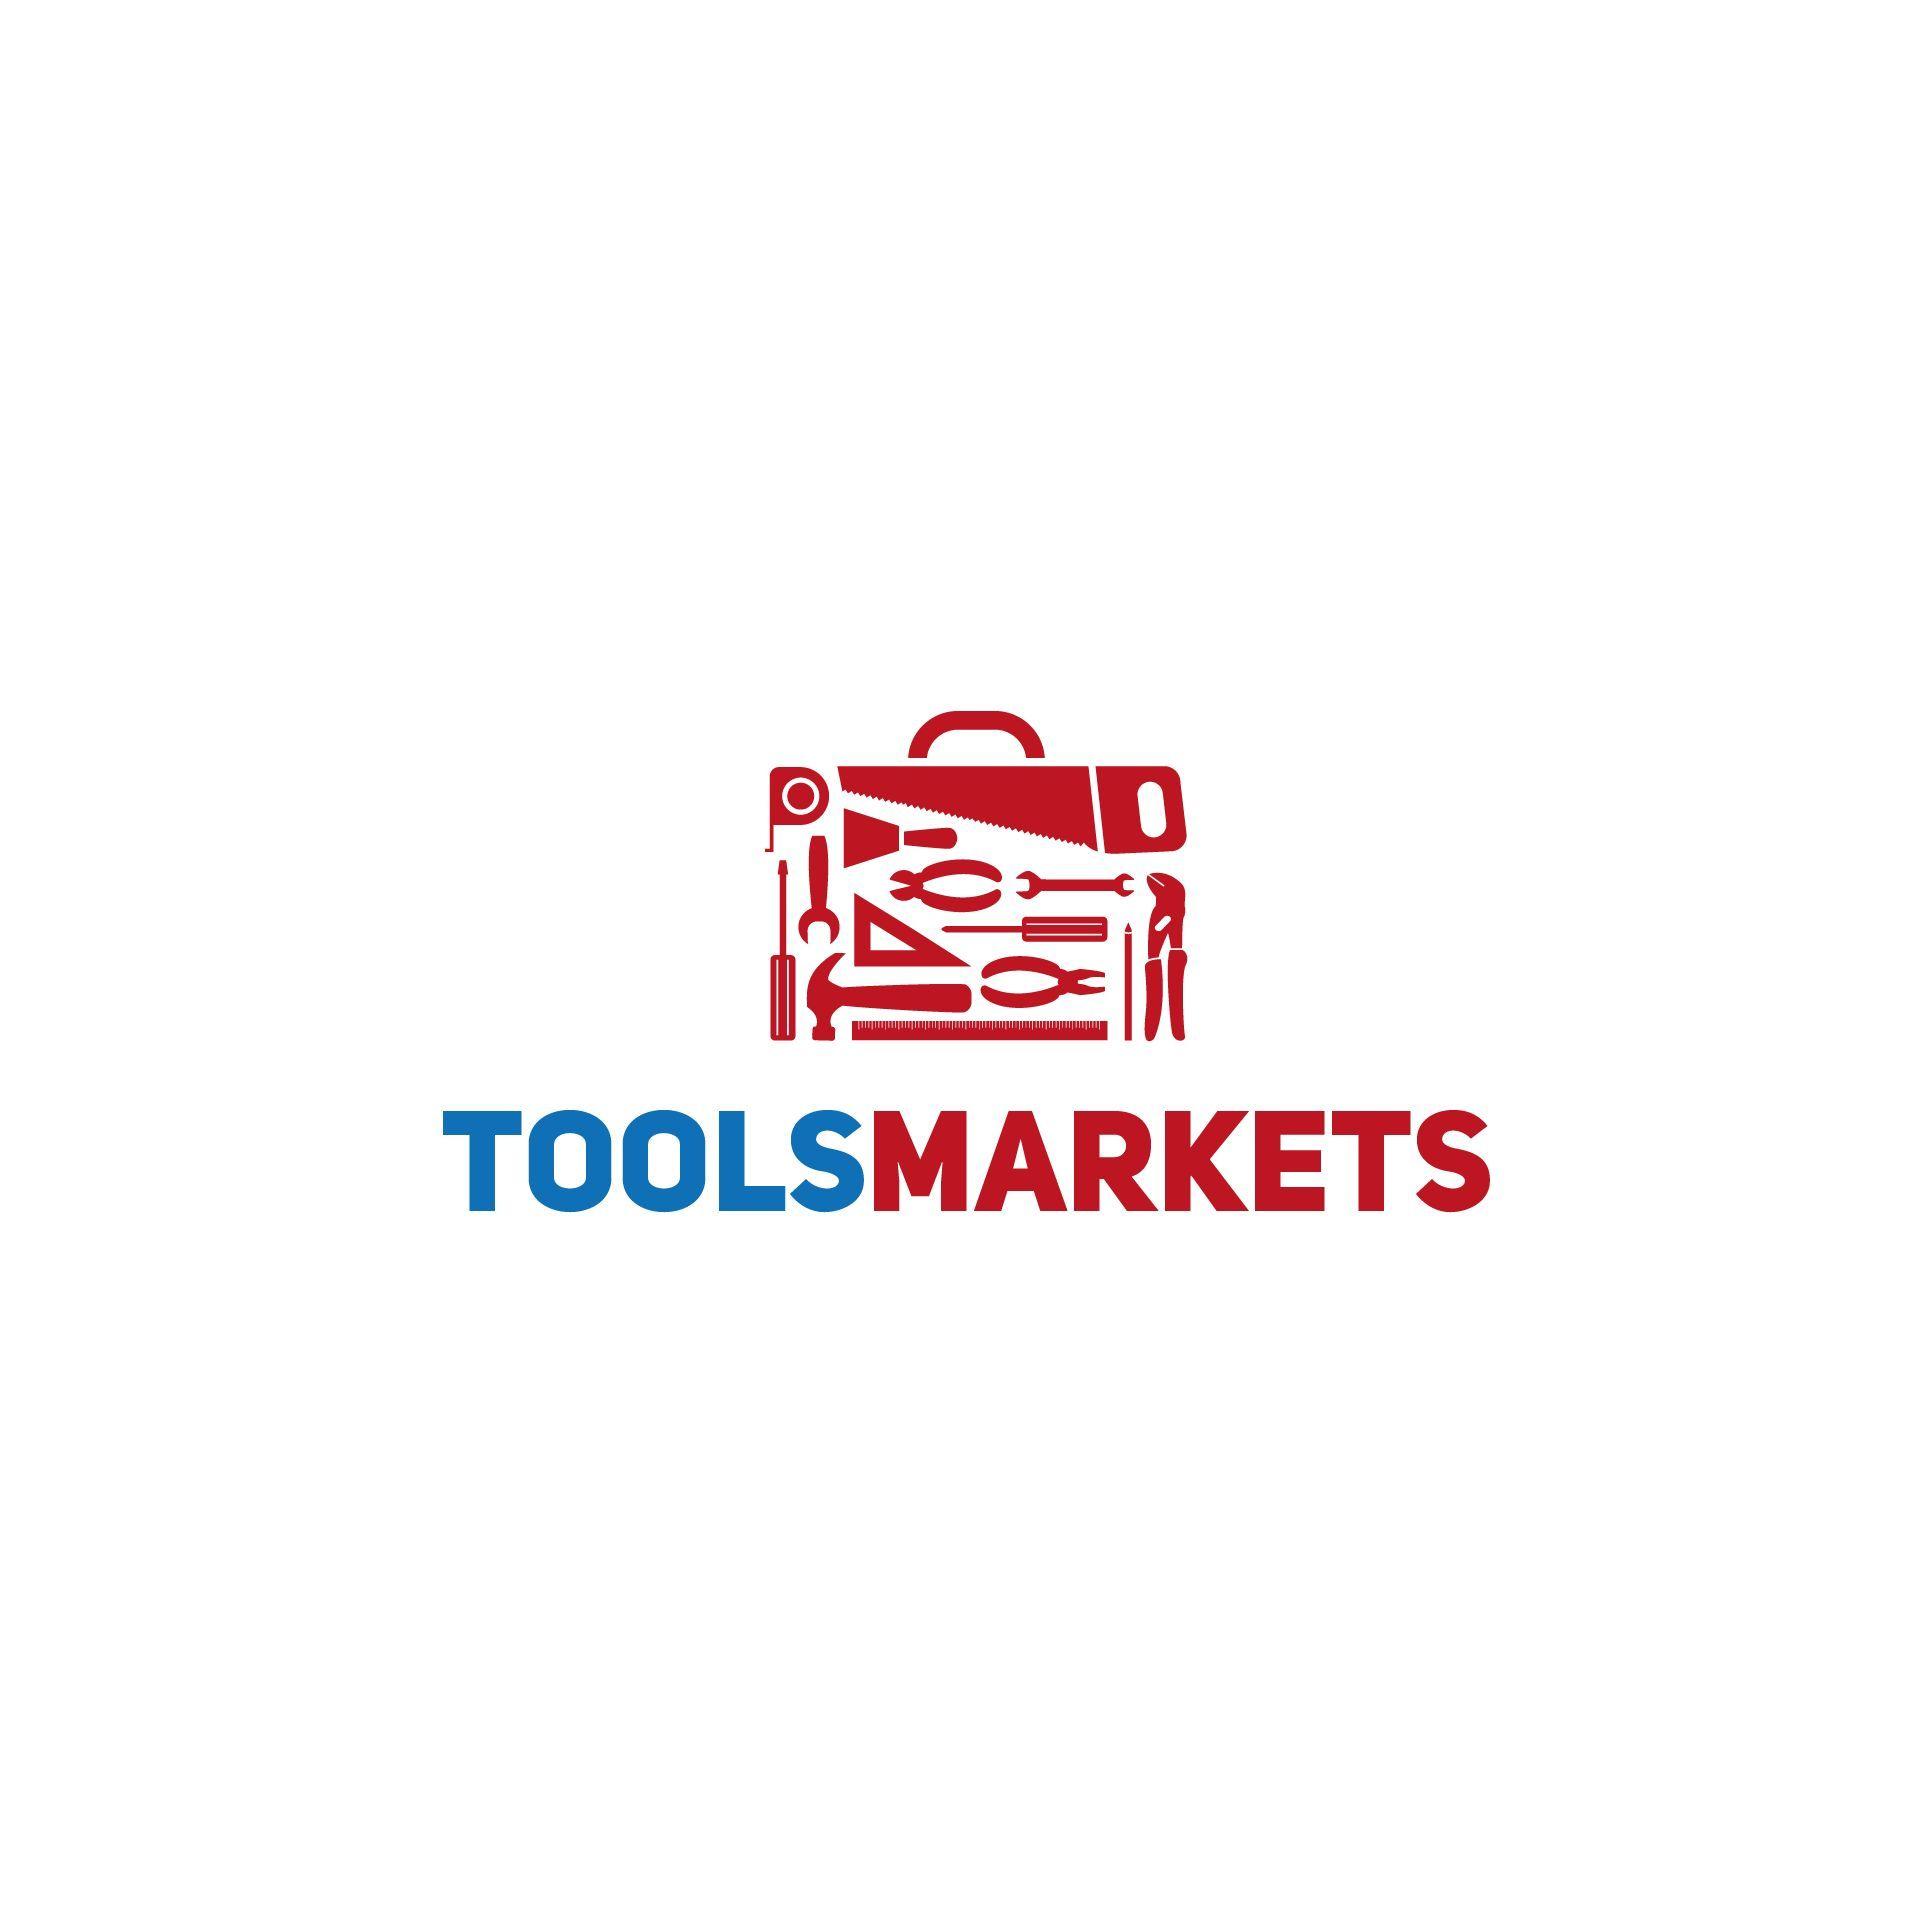 Логотип для ИМ TooIsMarkets - дизайнер alpine-gold